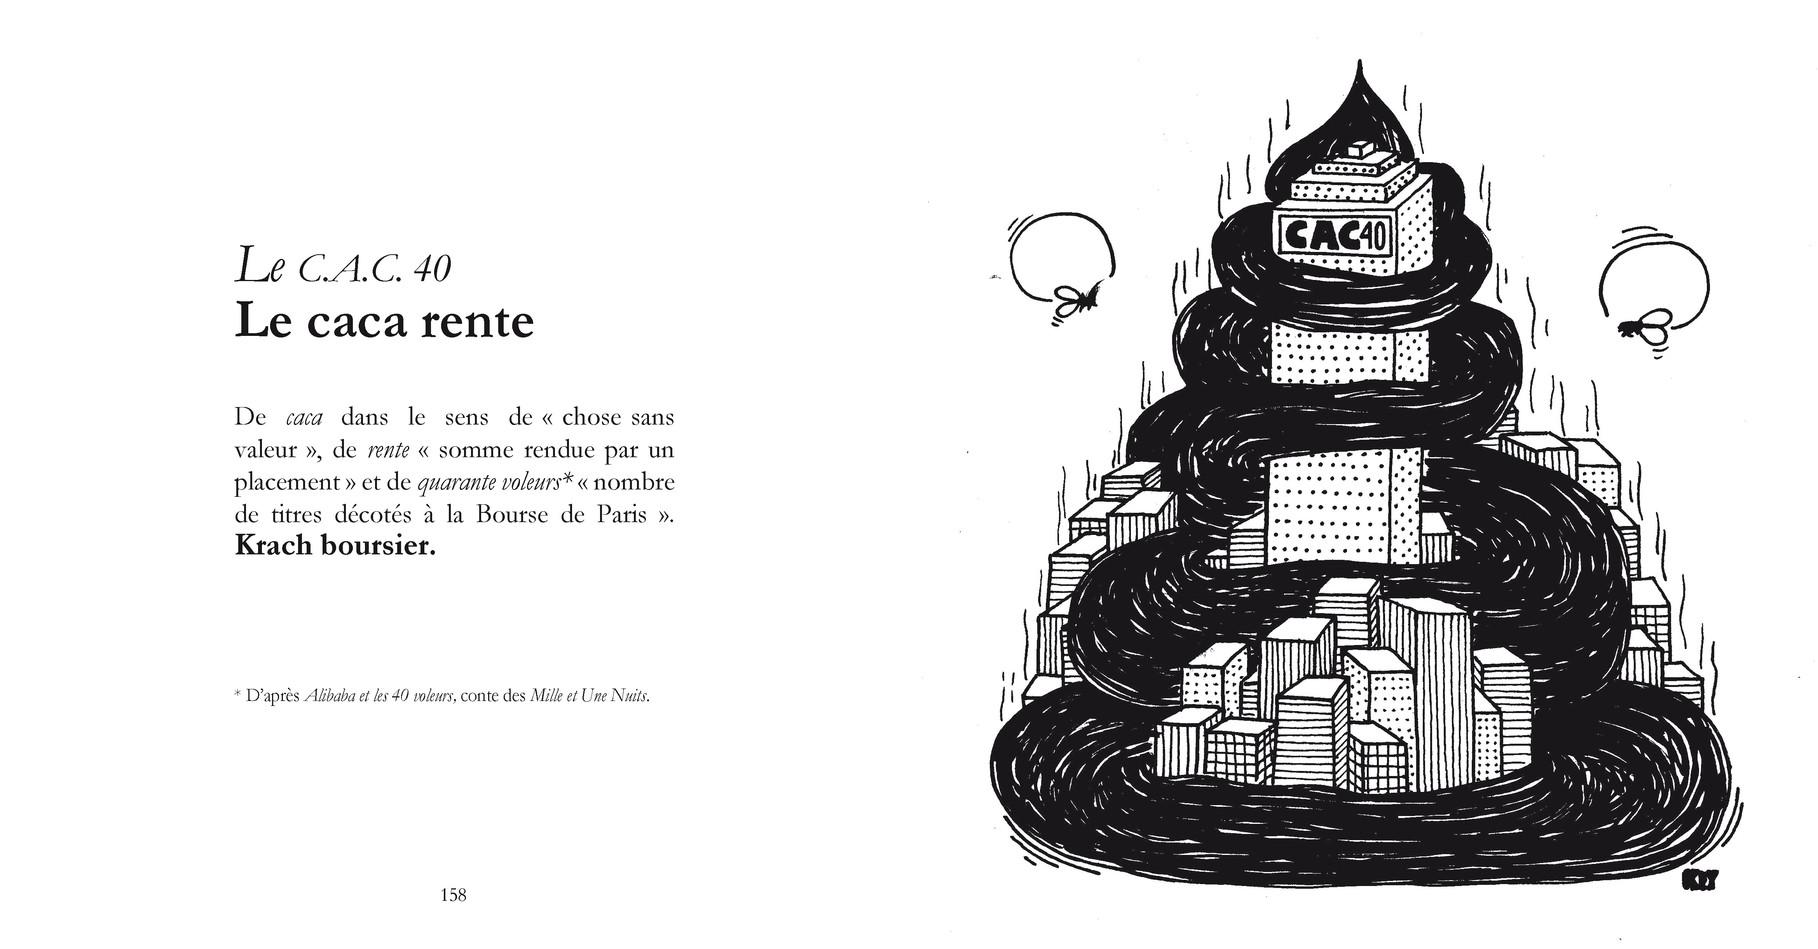 Le C.AC.40 - Le caca rente /  P158-159 du Bestof 1 / Texte Edith - Dessin Okey -  Droits réservés   Reproduction interdite